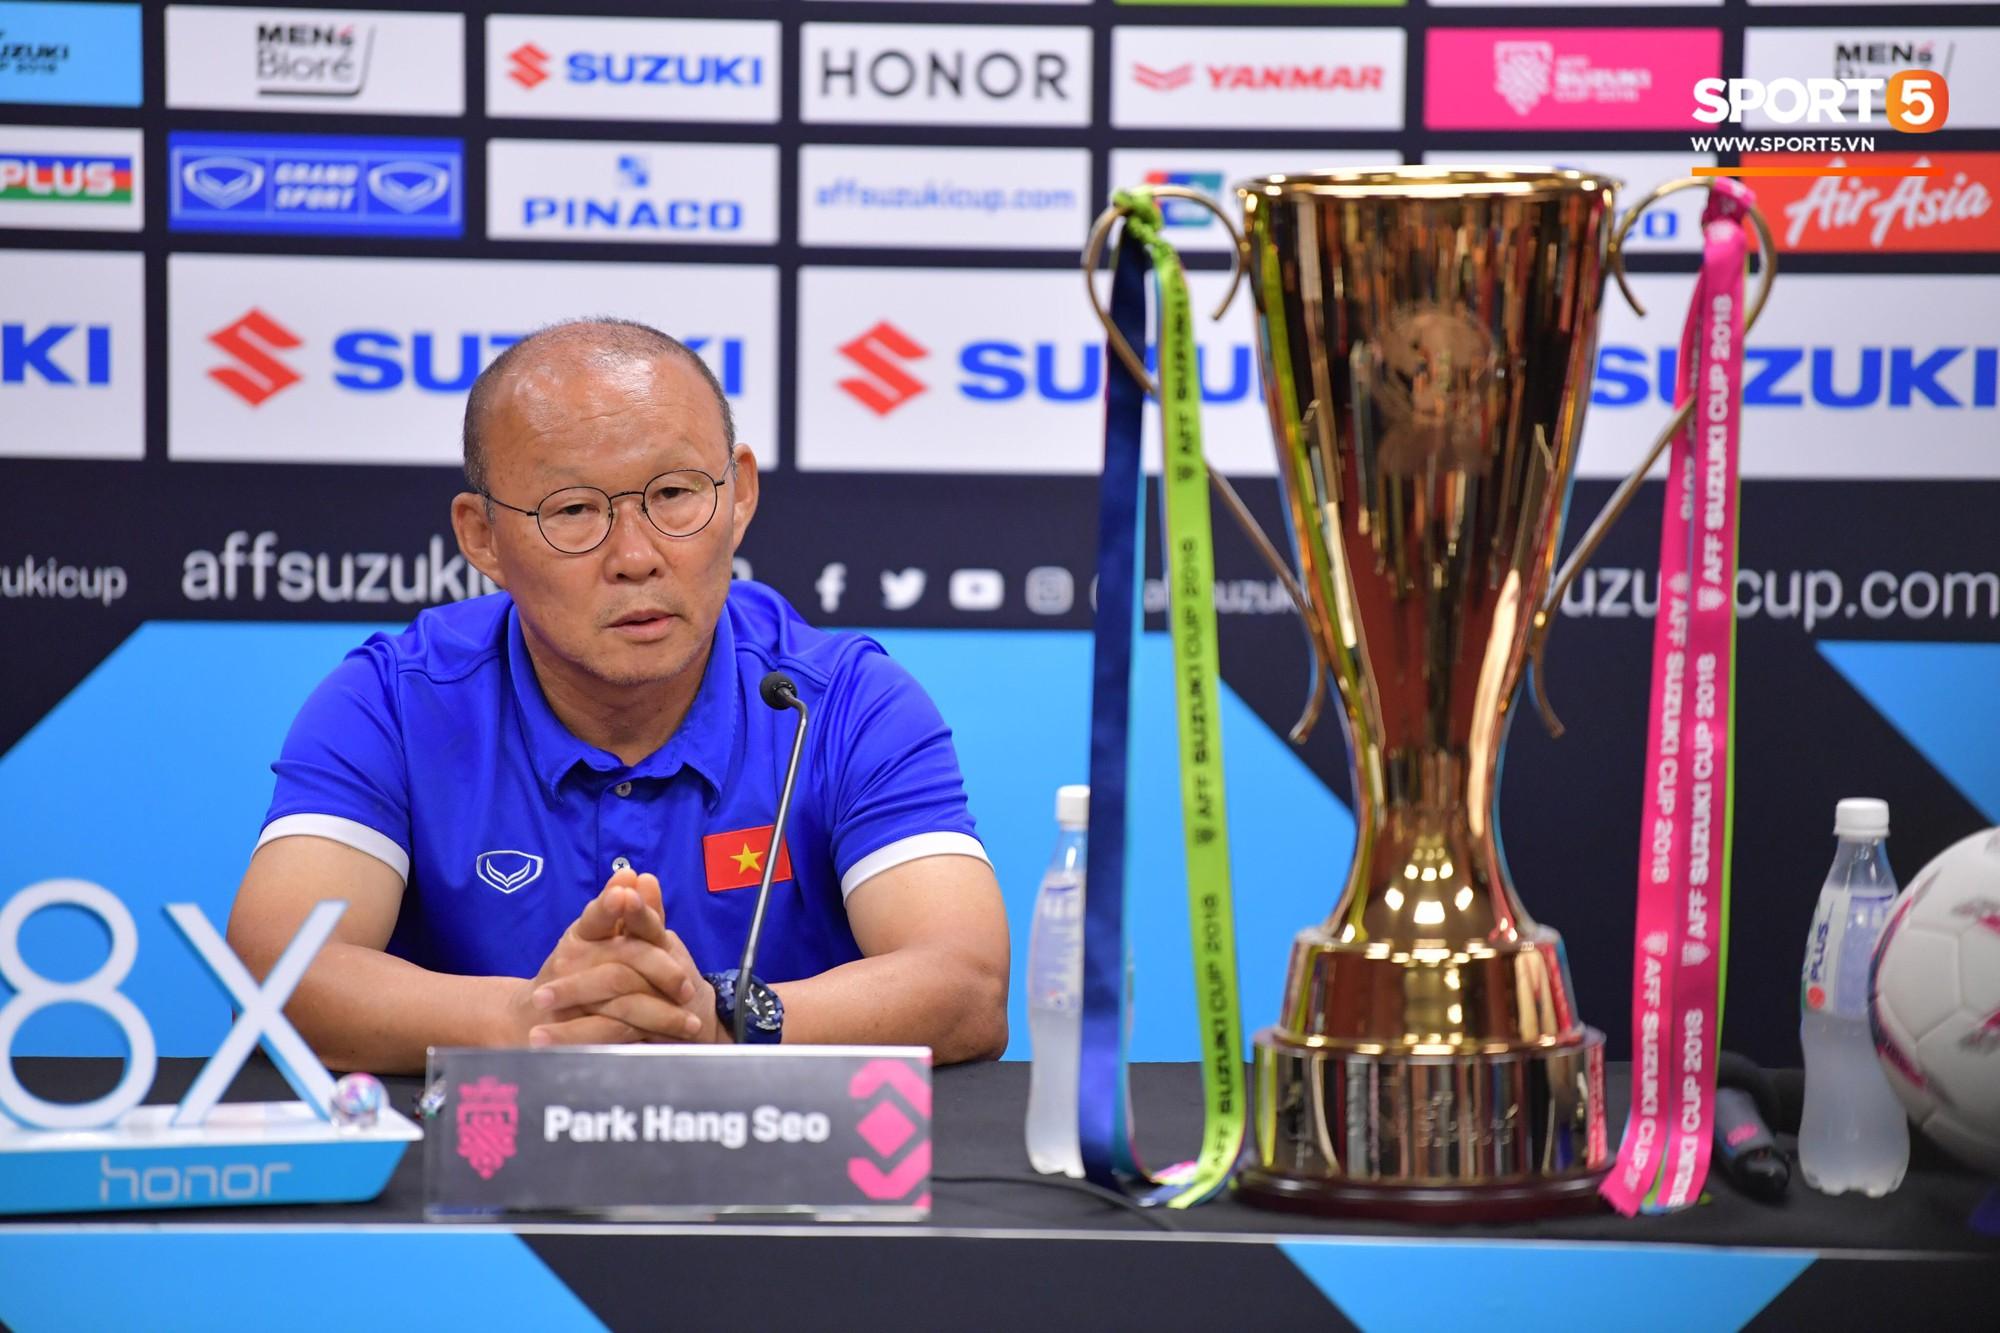 HLV Park Hang-seo: '80.000 fan Malaysia không phải vấn đề với tuyển Việt Nam' 1